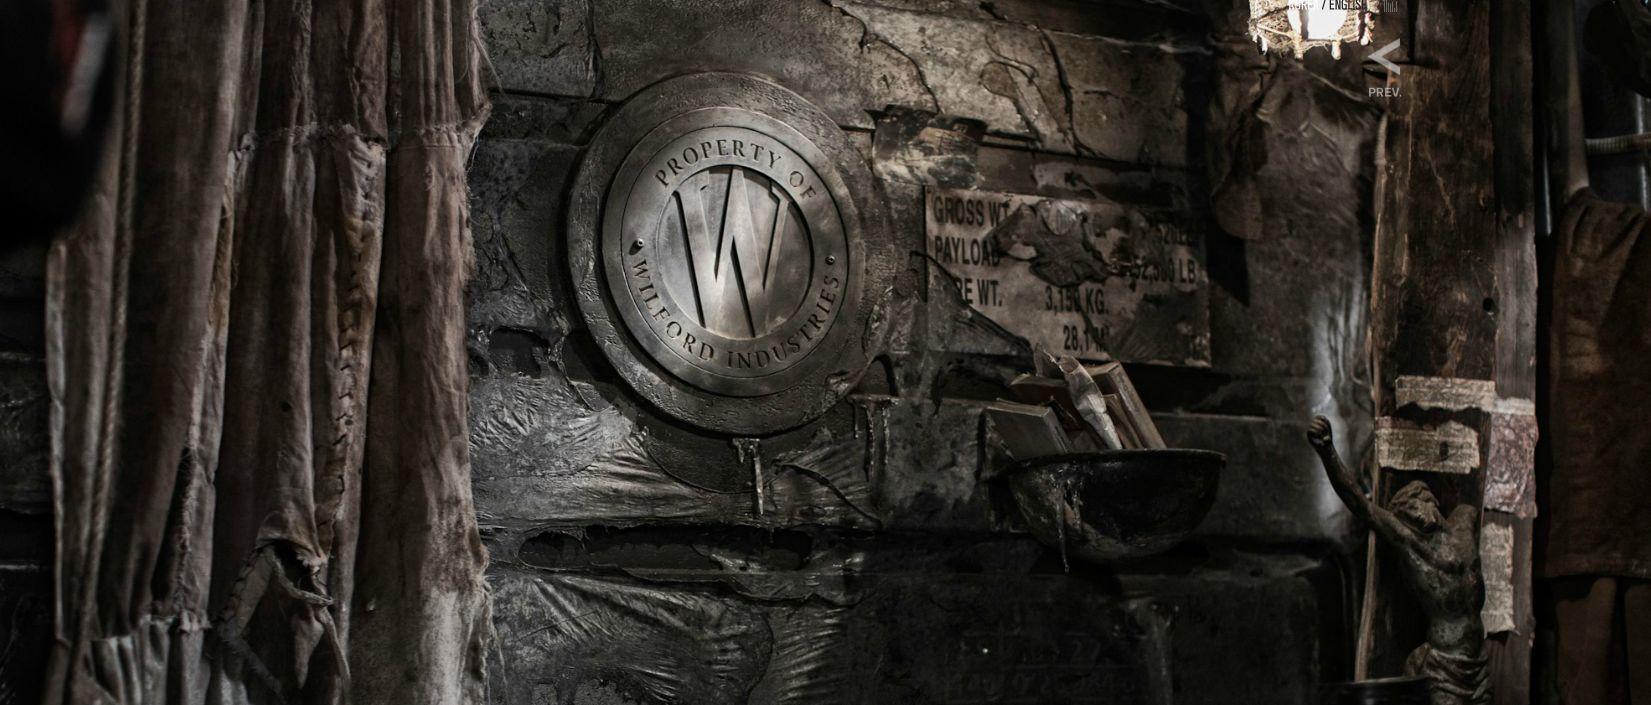 snowpiercer-wilford-industries.jpg